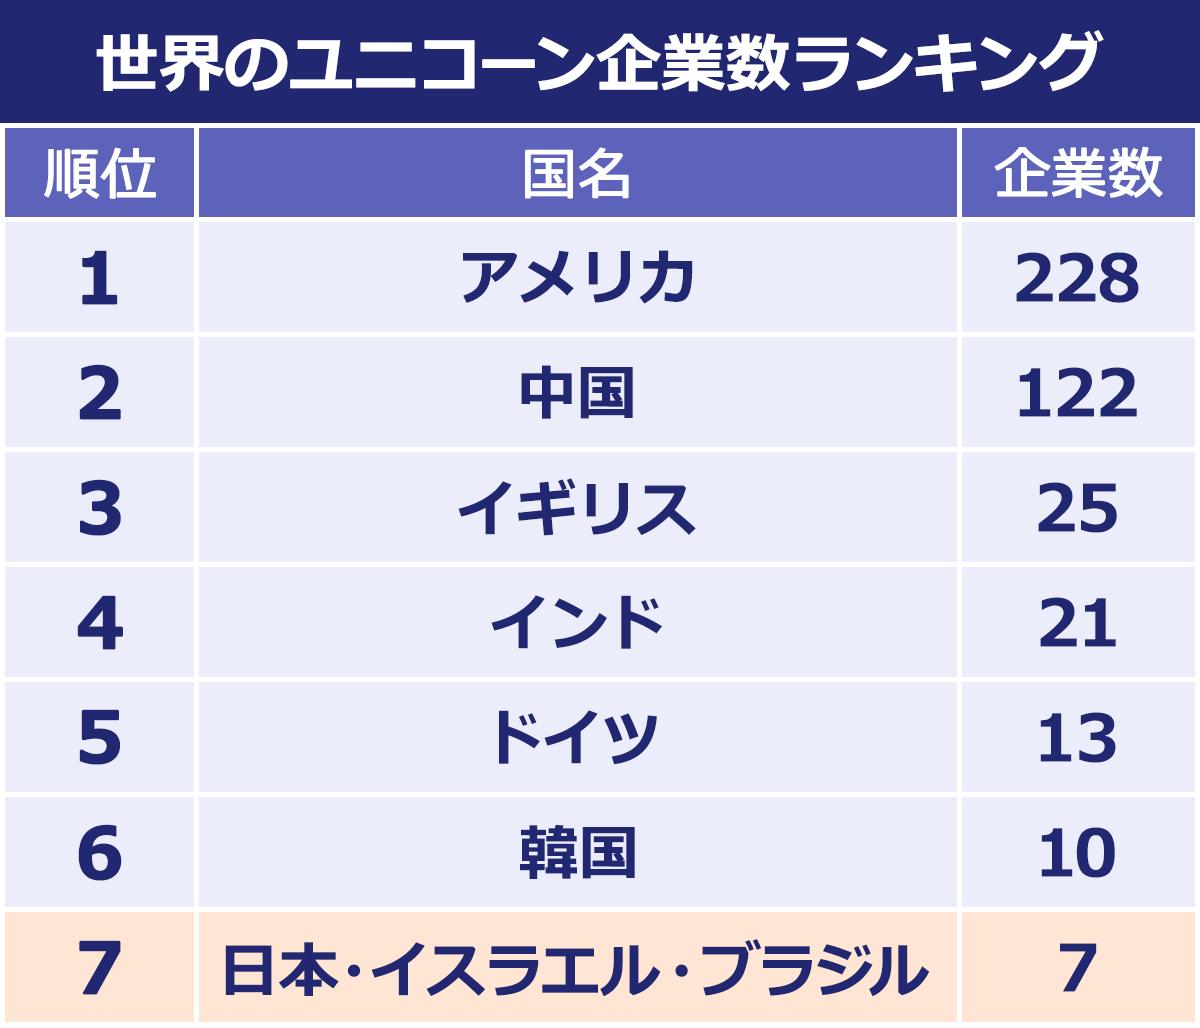 世界のユニコーン企業数ランキング。1位アメリカ228社、2位中国122社、3位イギリス25社、4位インド21社、5位ドイツ13社、6位韓国10社、7位日本・イスラエル・ブラジル7社。